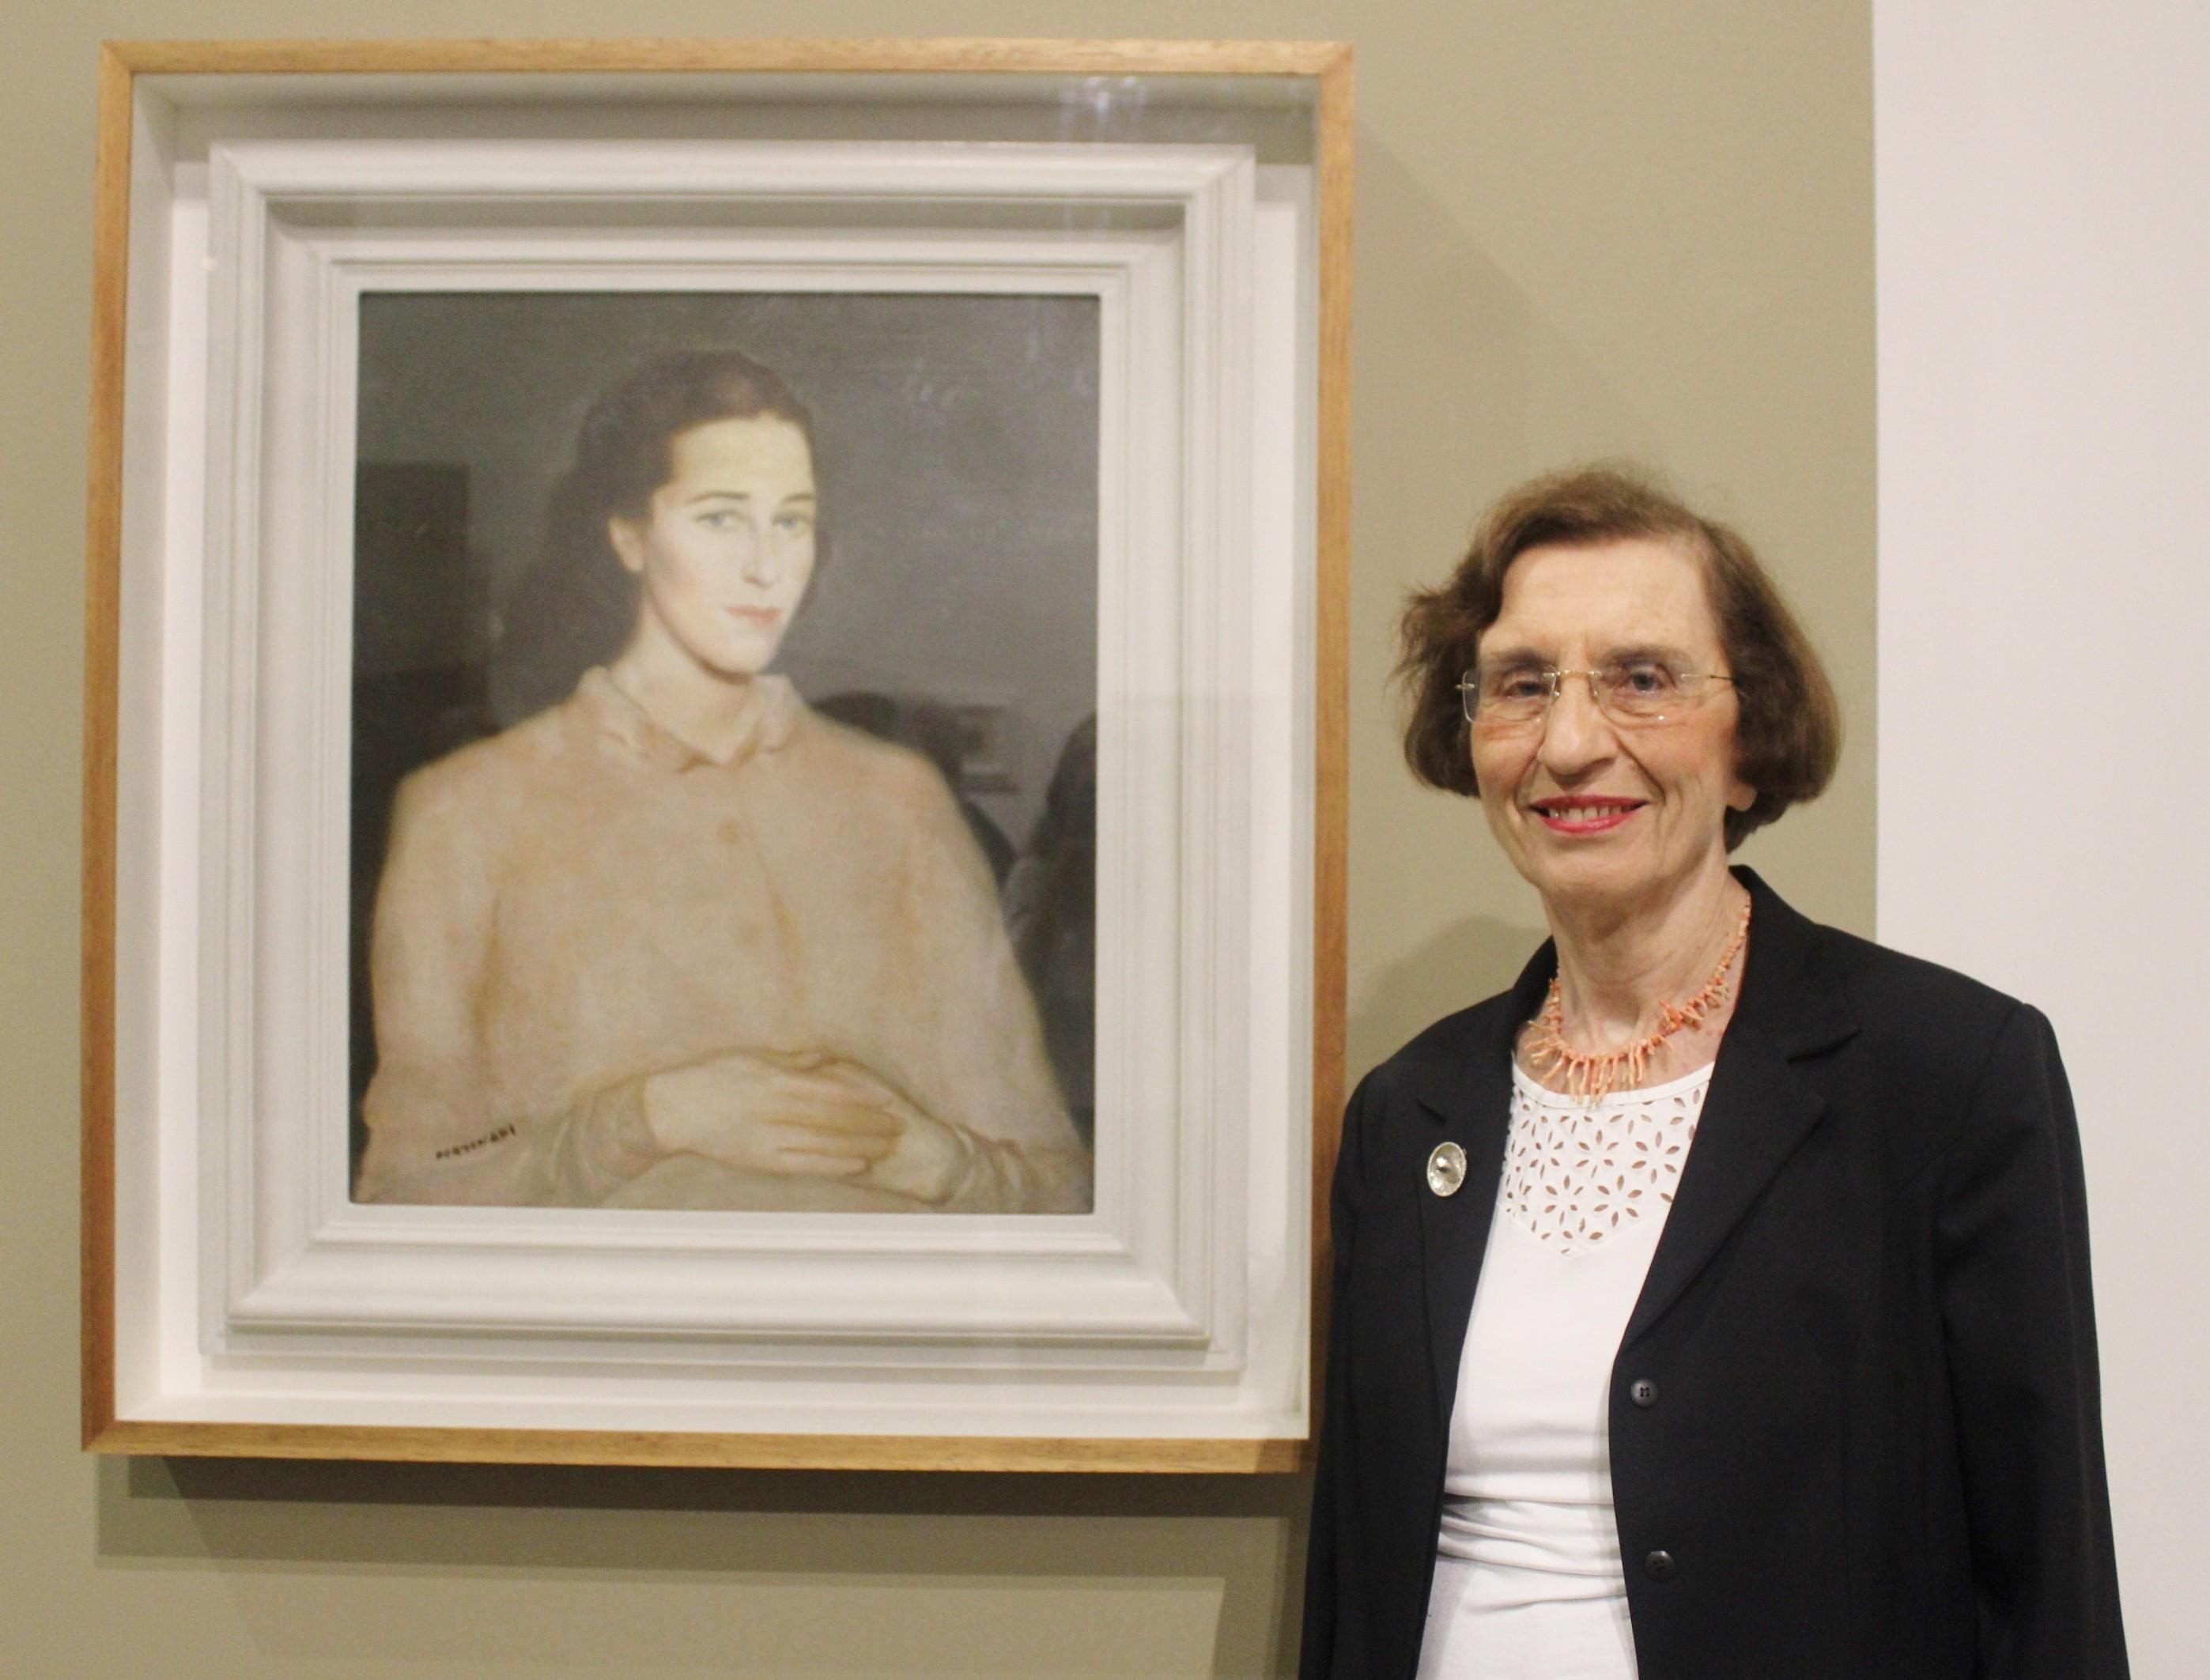 Anita Prestes ao lado do quadro de sua mãe